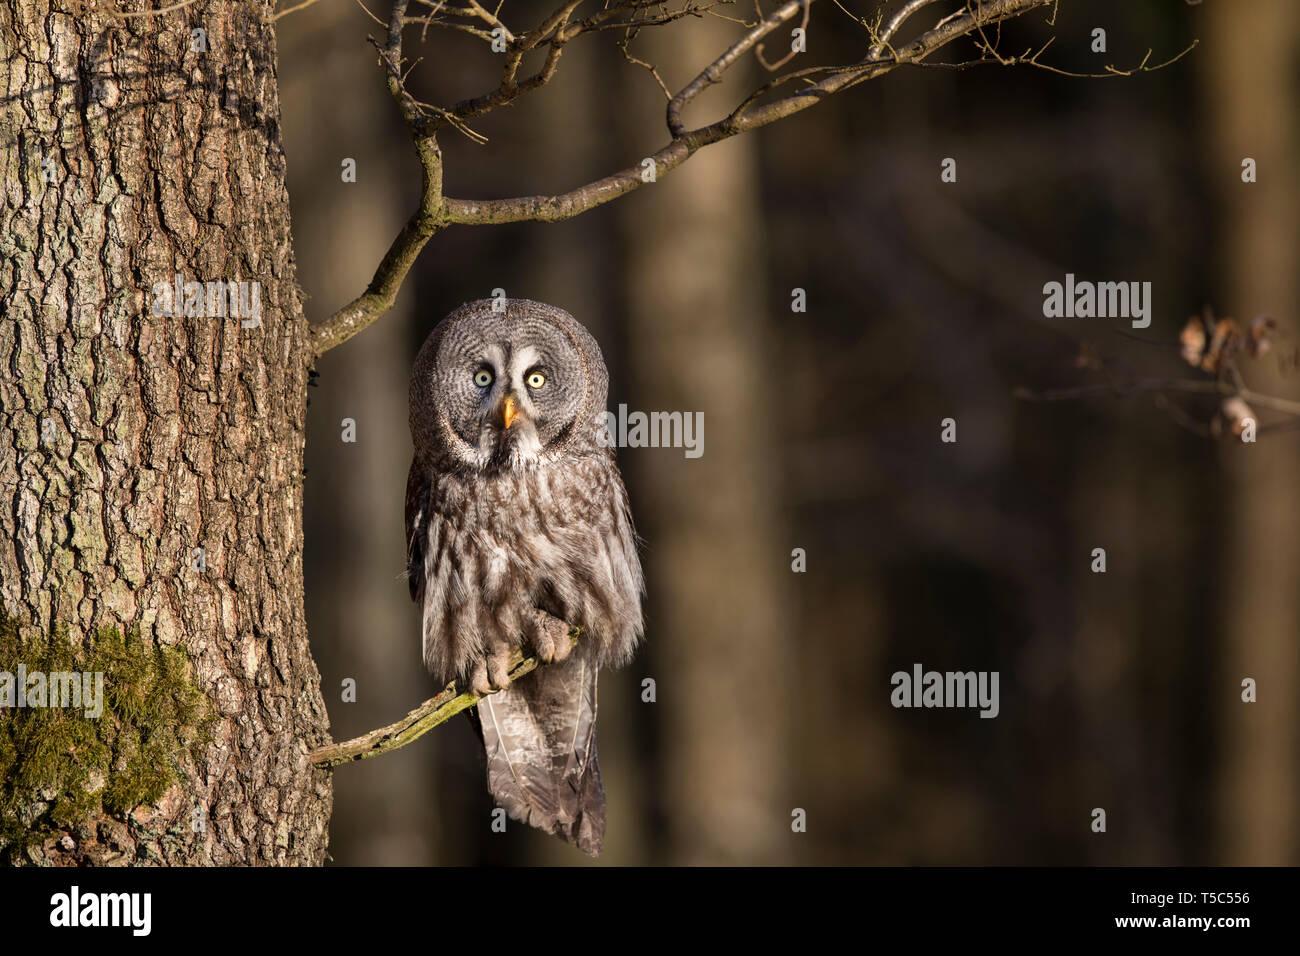 Bartkauz, Strix nebulosa, great grey owl Stock Photo